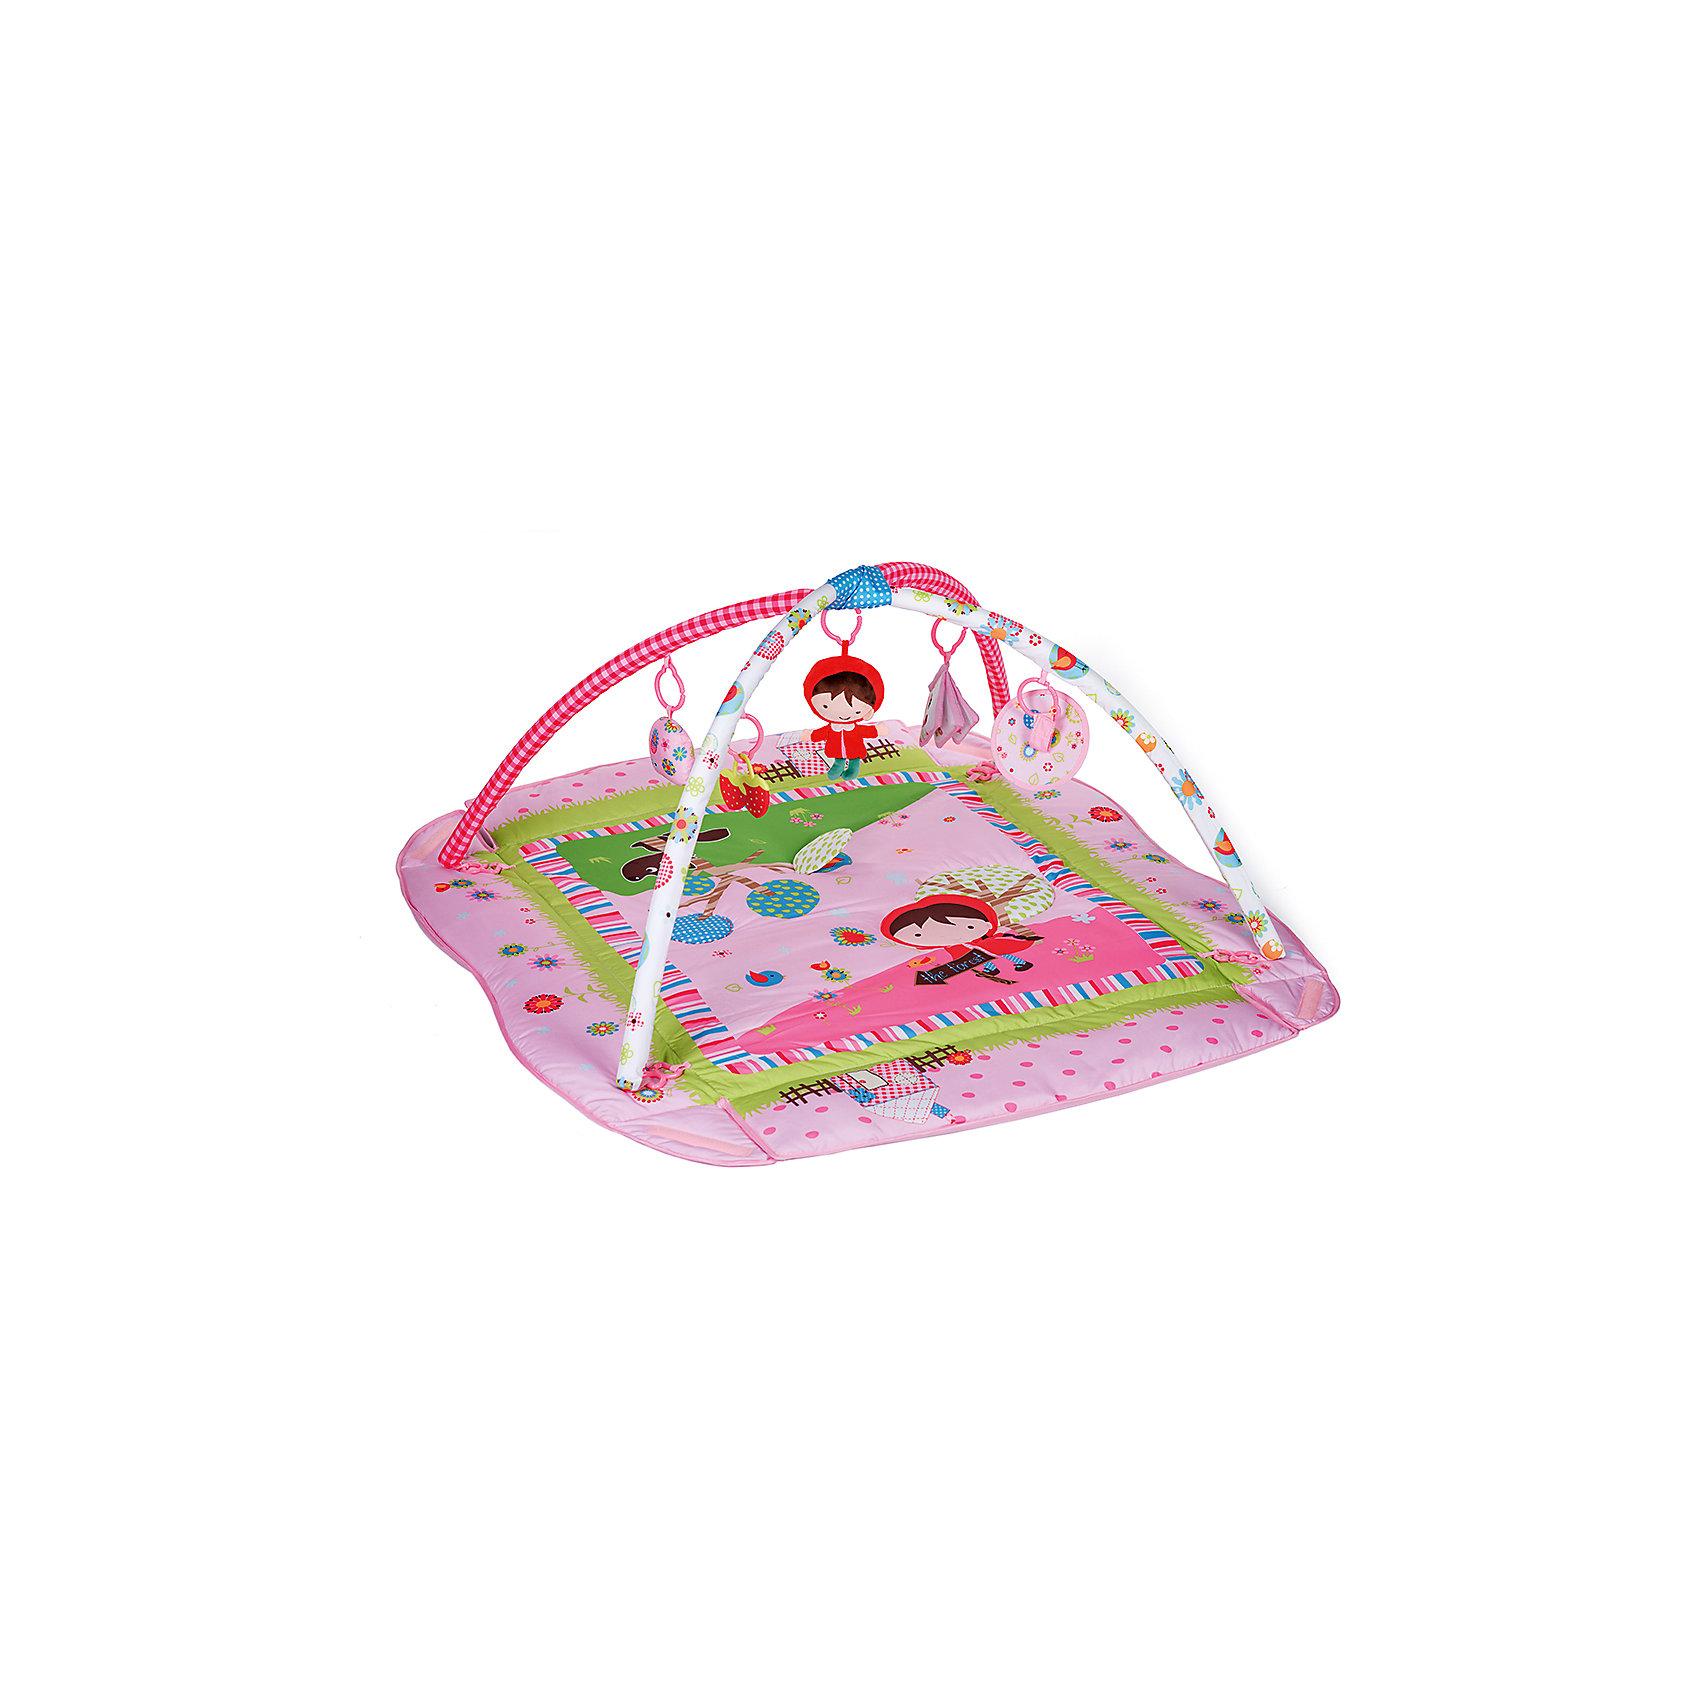 Коврик PM-04, Babyhit, Красная шапочкаРазвивающие коврики<br>Характеристики:<br><br>• игровой коврик для ребенка;<br>• съемные дуги с петельками для подвешивания развивающих игрушек;<br>• наличие бортиков;<br>• подвесные игрушки: безопасное зеркальце, прорезыватель-клубничка, мягкая музыкальная игрушка Красная шапочка, книжка-игрушка с шуршащими страничками, погремушка;<br>• материал: текстиль, плюш, пластик;<br>• размер коврика: 115х100х46 см;<br>• размер упаковки: 95х75х55 см;<br>• вес в упаковке: 2,073 кг.<br><br>Игровой коврик с бортиком и дугами для подвесных игрушек оказывает благотворное влияние на развитие малыша с первых дней его жизни. Коврик используется для игры дома, на даче, на лужайке. Мягкое стеганое покрытие коврика дает возможность развить у ребенка тактильное восприятие, игра с развивающими игрушками поможет познать звуковые и зрительные образы. Музыкальная игрушка, погремушка и прорезыватель включены в комплект поставки. Пластиковые карабины предназначены как для игрушек, входящих в комплект, так и для других подвесных игрушек, подвесок и модулей.  <br><br>Коврик PM-04, Babyhit, Красная шапочка можно купить в нашем интернет-магазине.<br><br>Ширина мм: 950<br>Глубина мм: 750<br>Высота мм: 550<br>Вес г: 2073<br>Возраст от месяцев: 0<br>Возраст до месяцев: 6<br>Пол: Унисекс<br>Возраст: Детский<br>SKU: 5500275